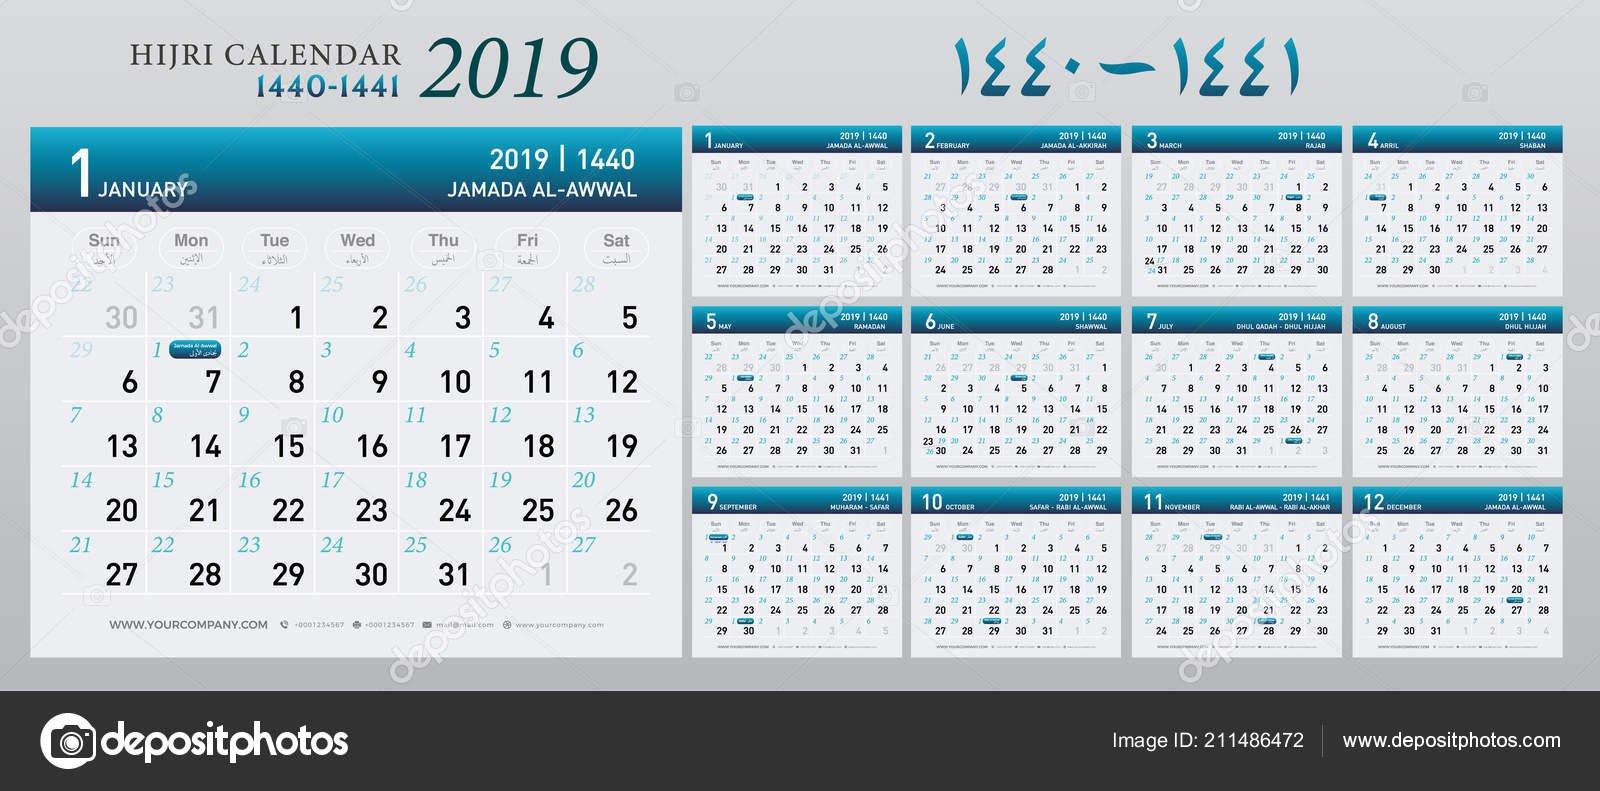 Calendar 2019 Hijri 1440 1441 Islamic Template Simple Minimal Wall Calendar 2019 Hijri